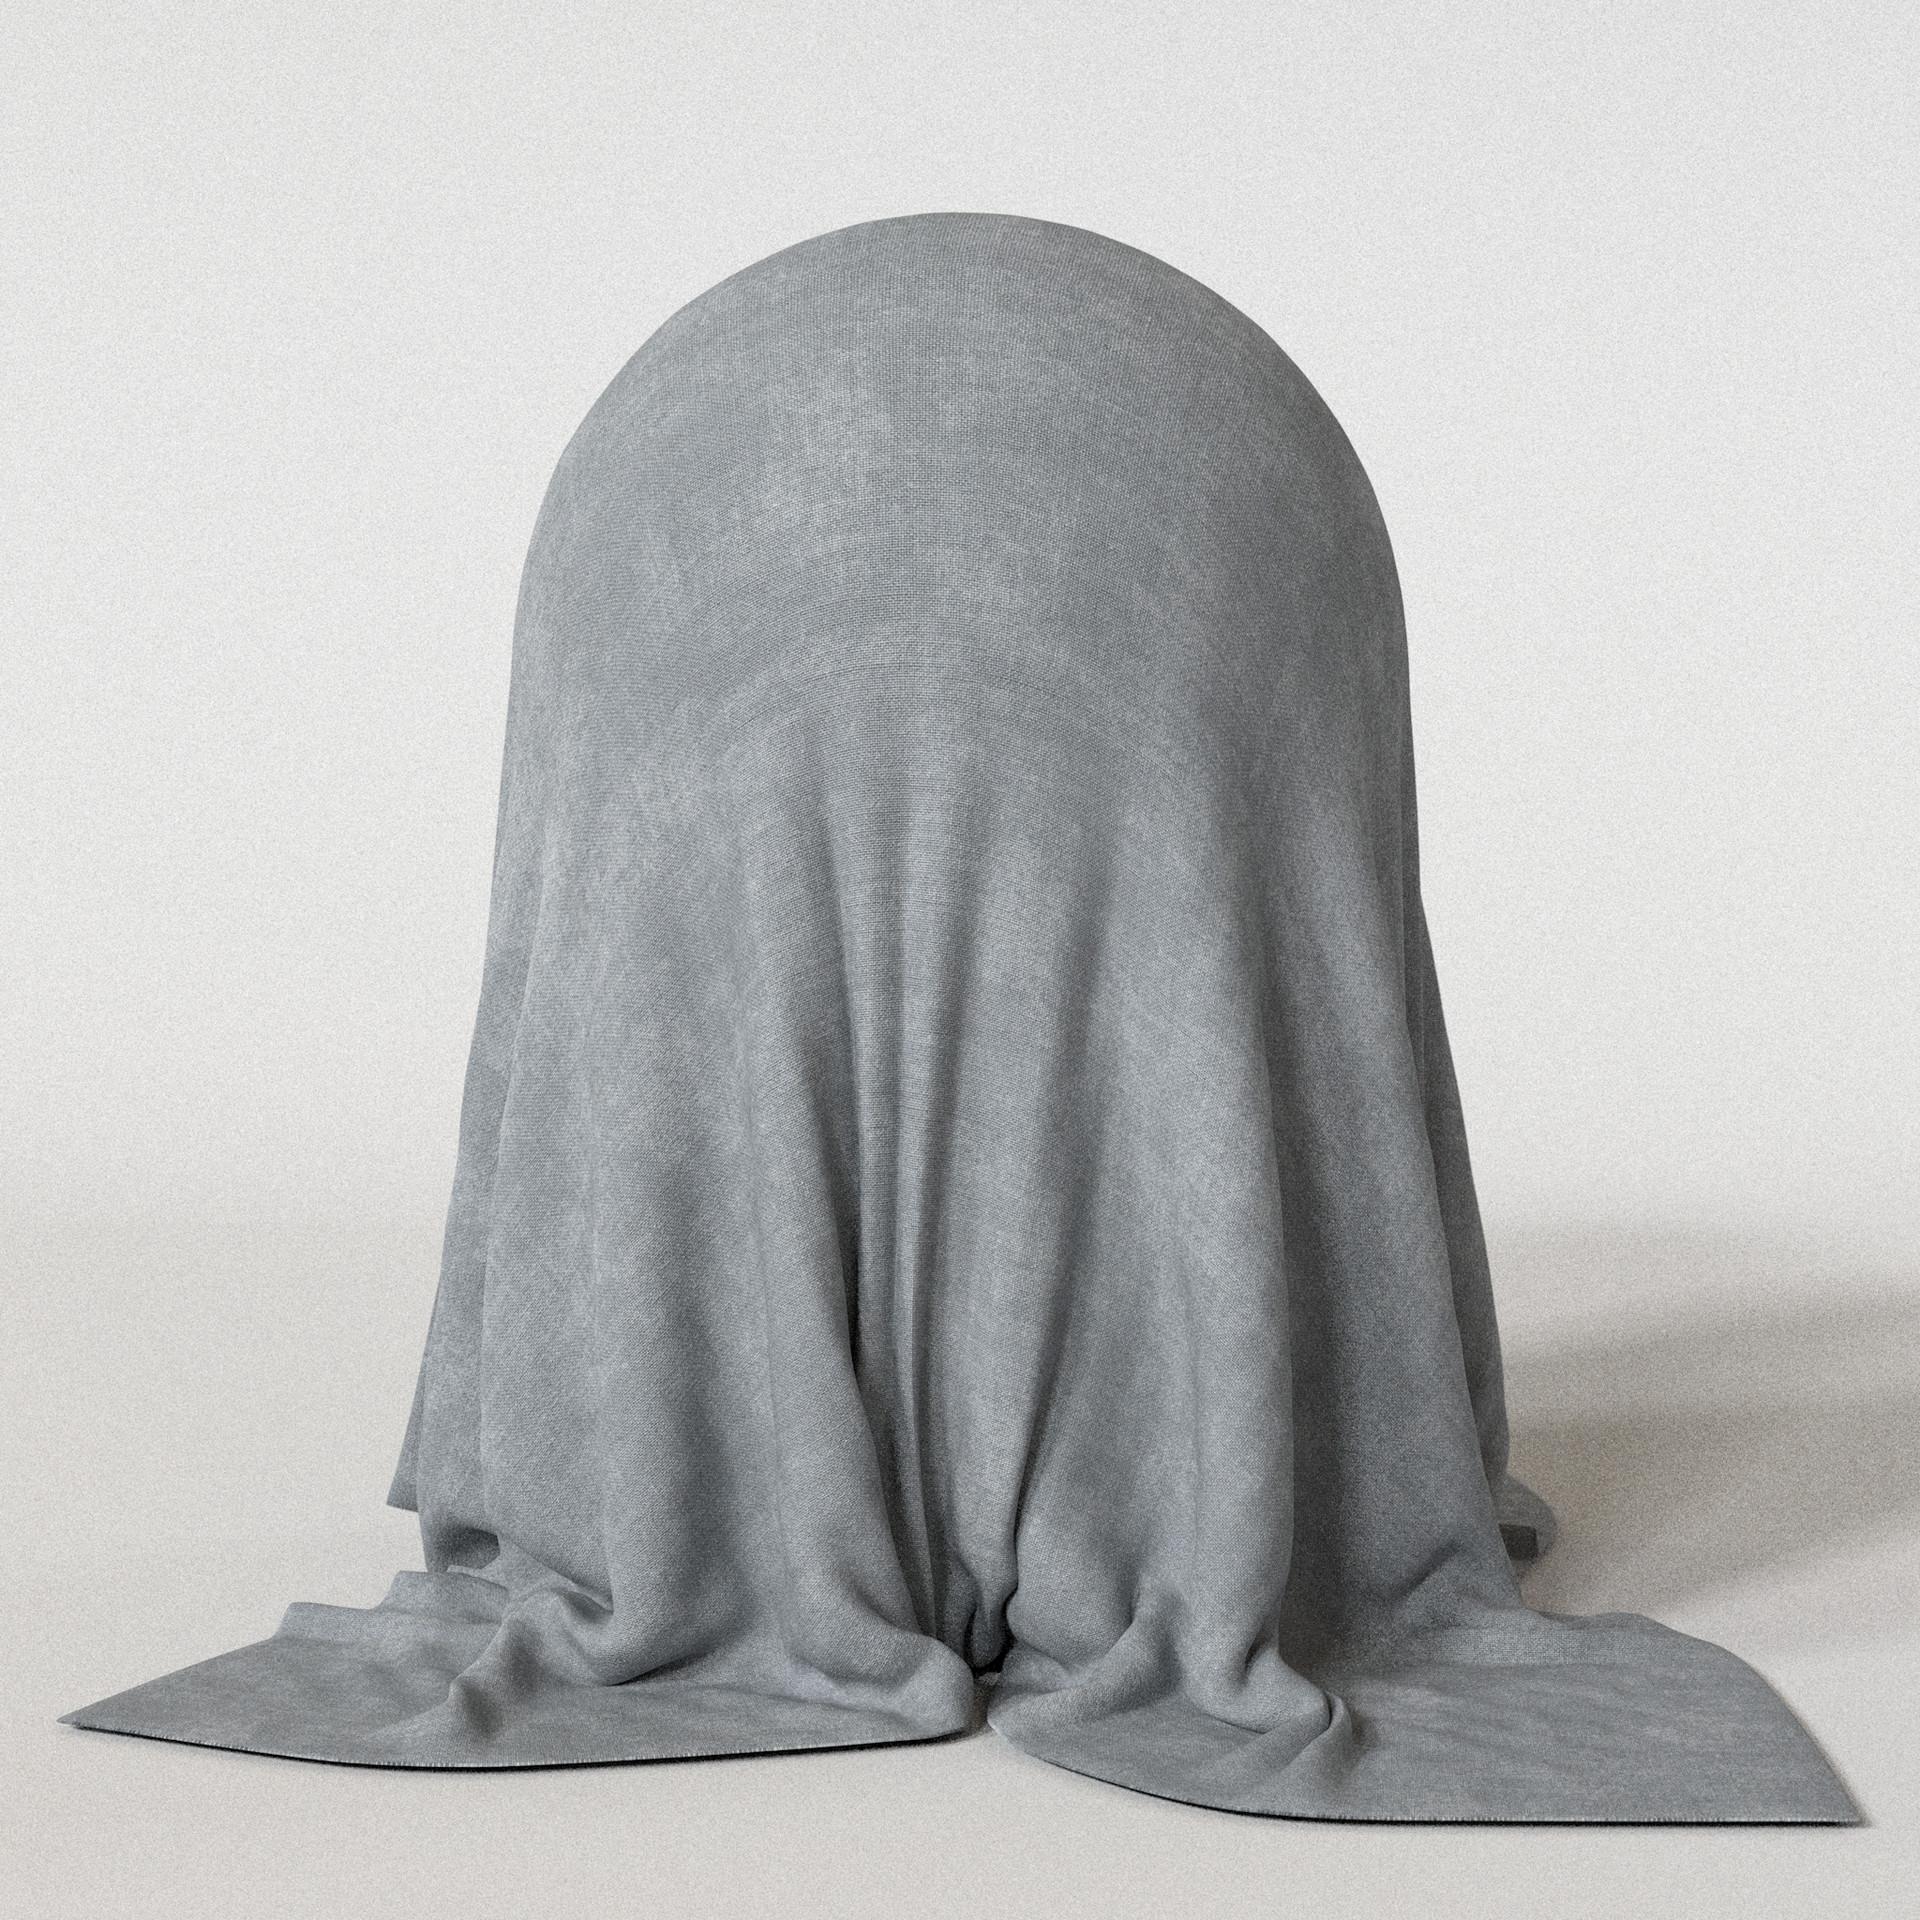 ArtStation - Scanned Fabric Textures (4K), Jadon Barnes